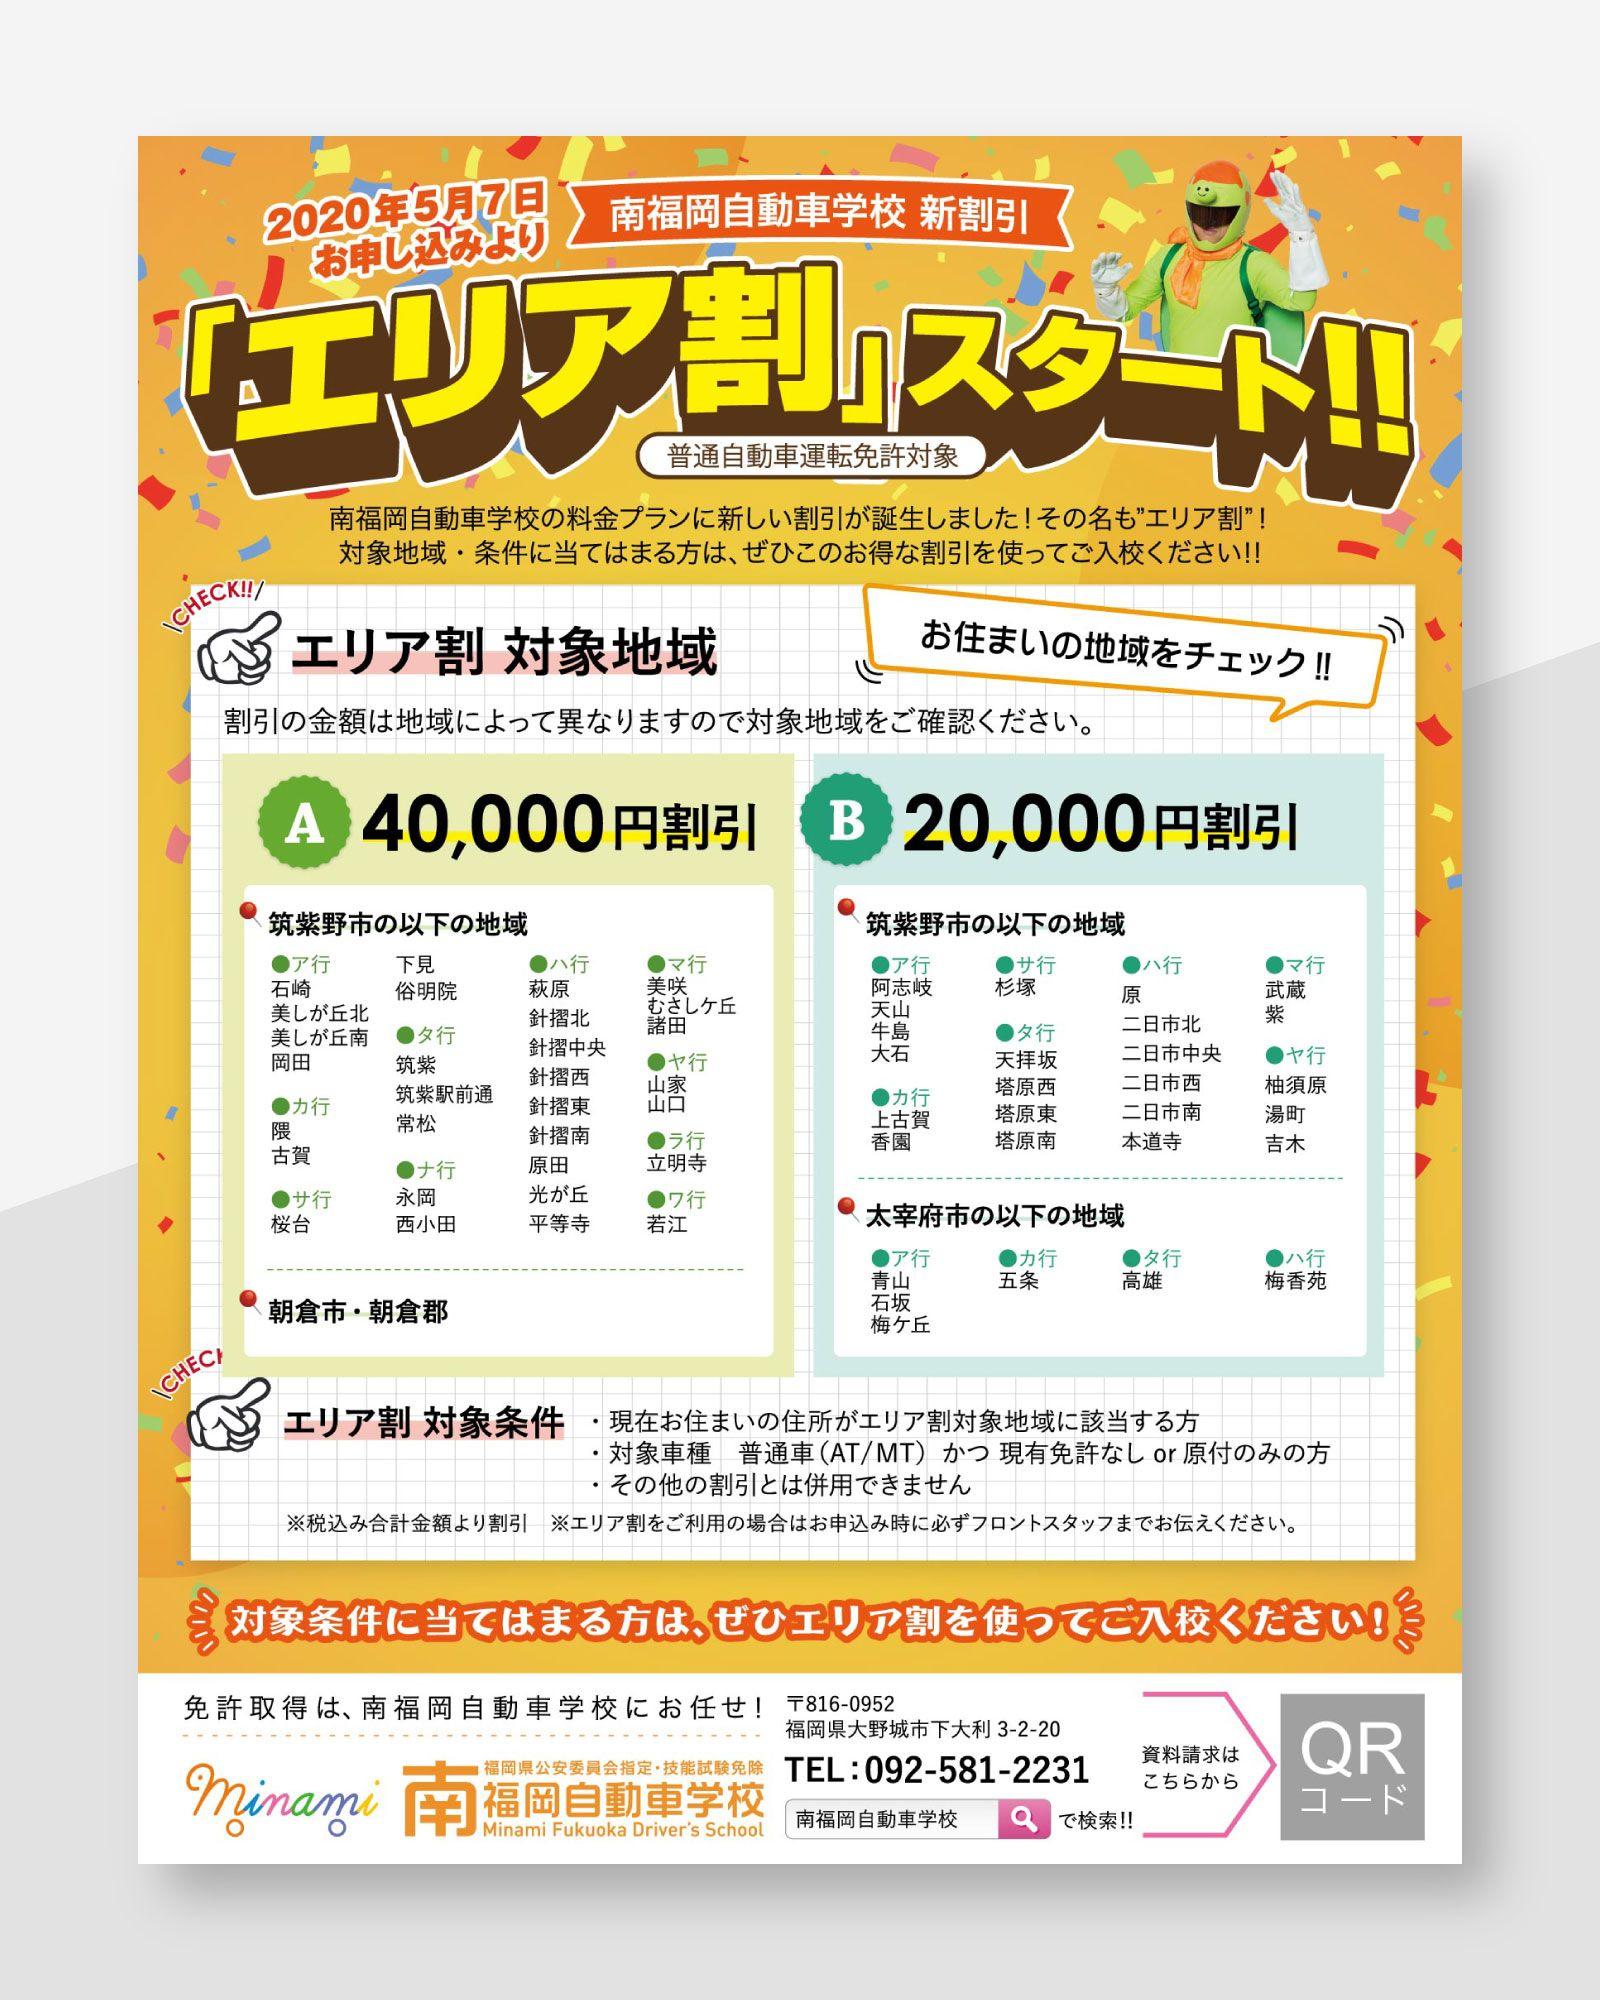 フリーペーパー「ぱど」キャンペーン広告デザイン デザイン案